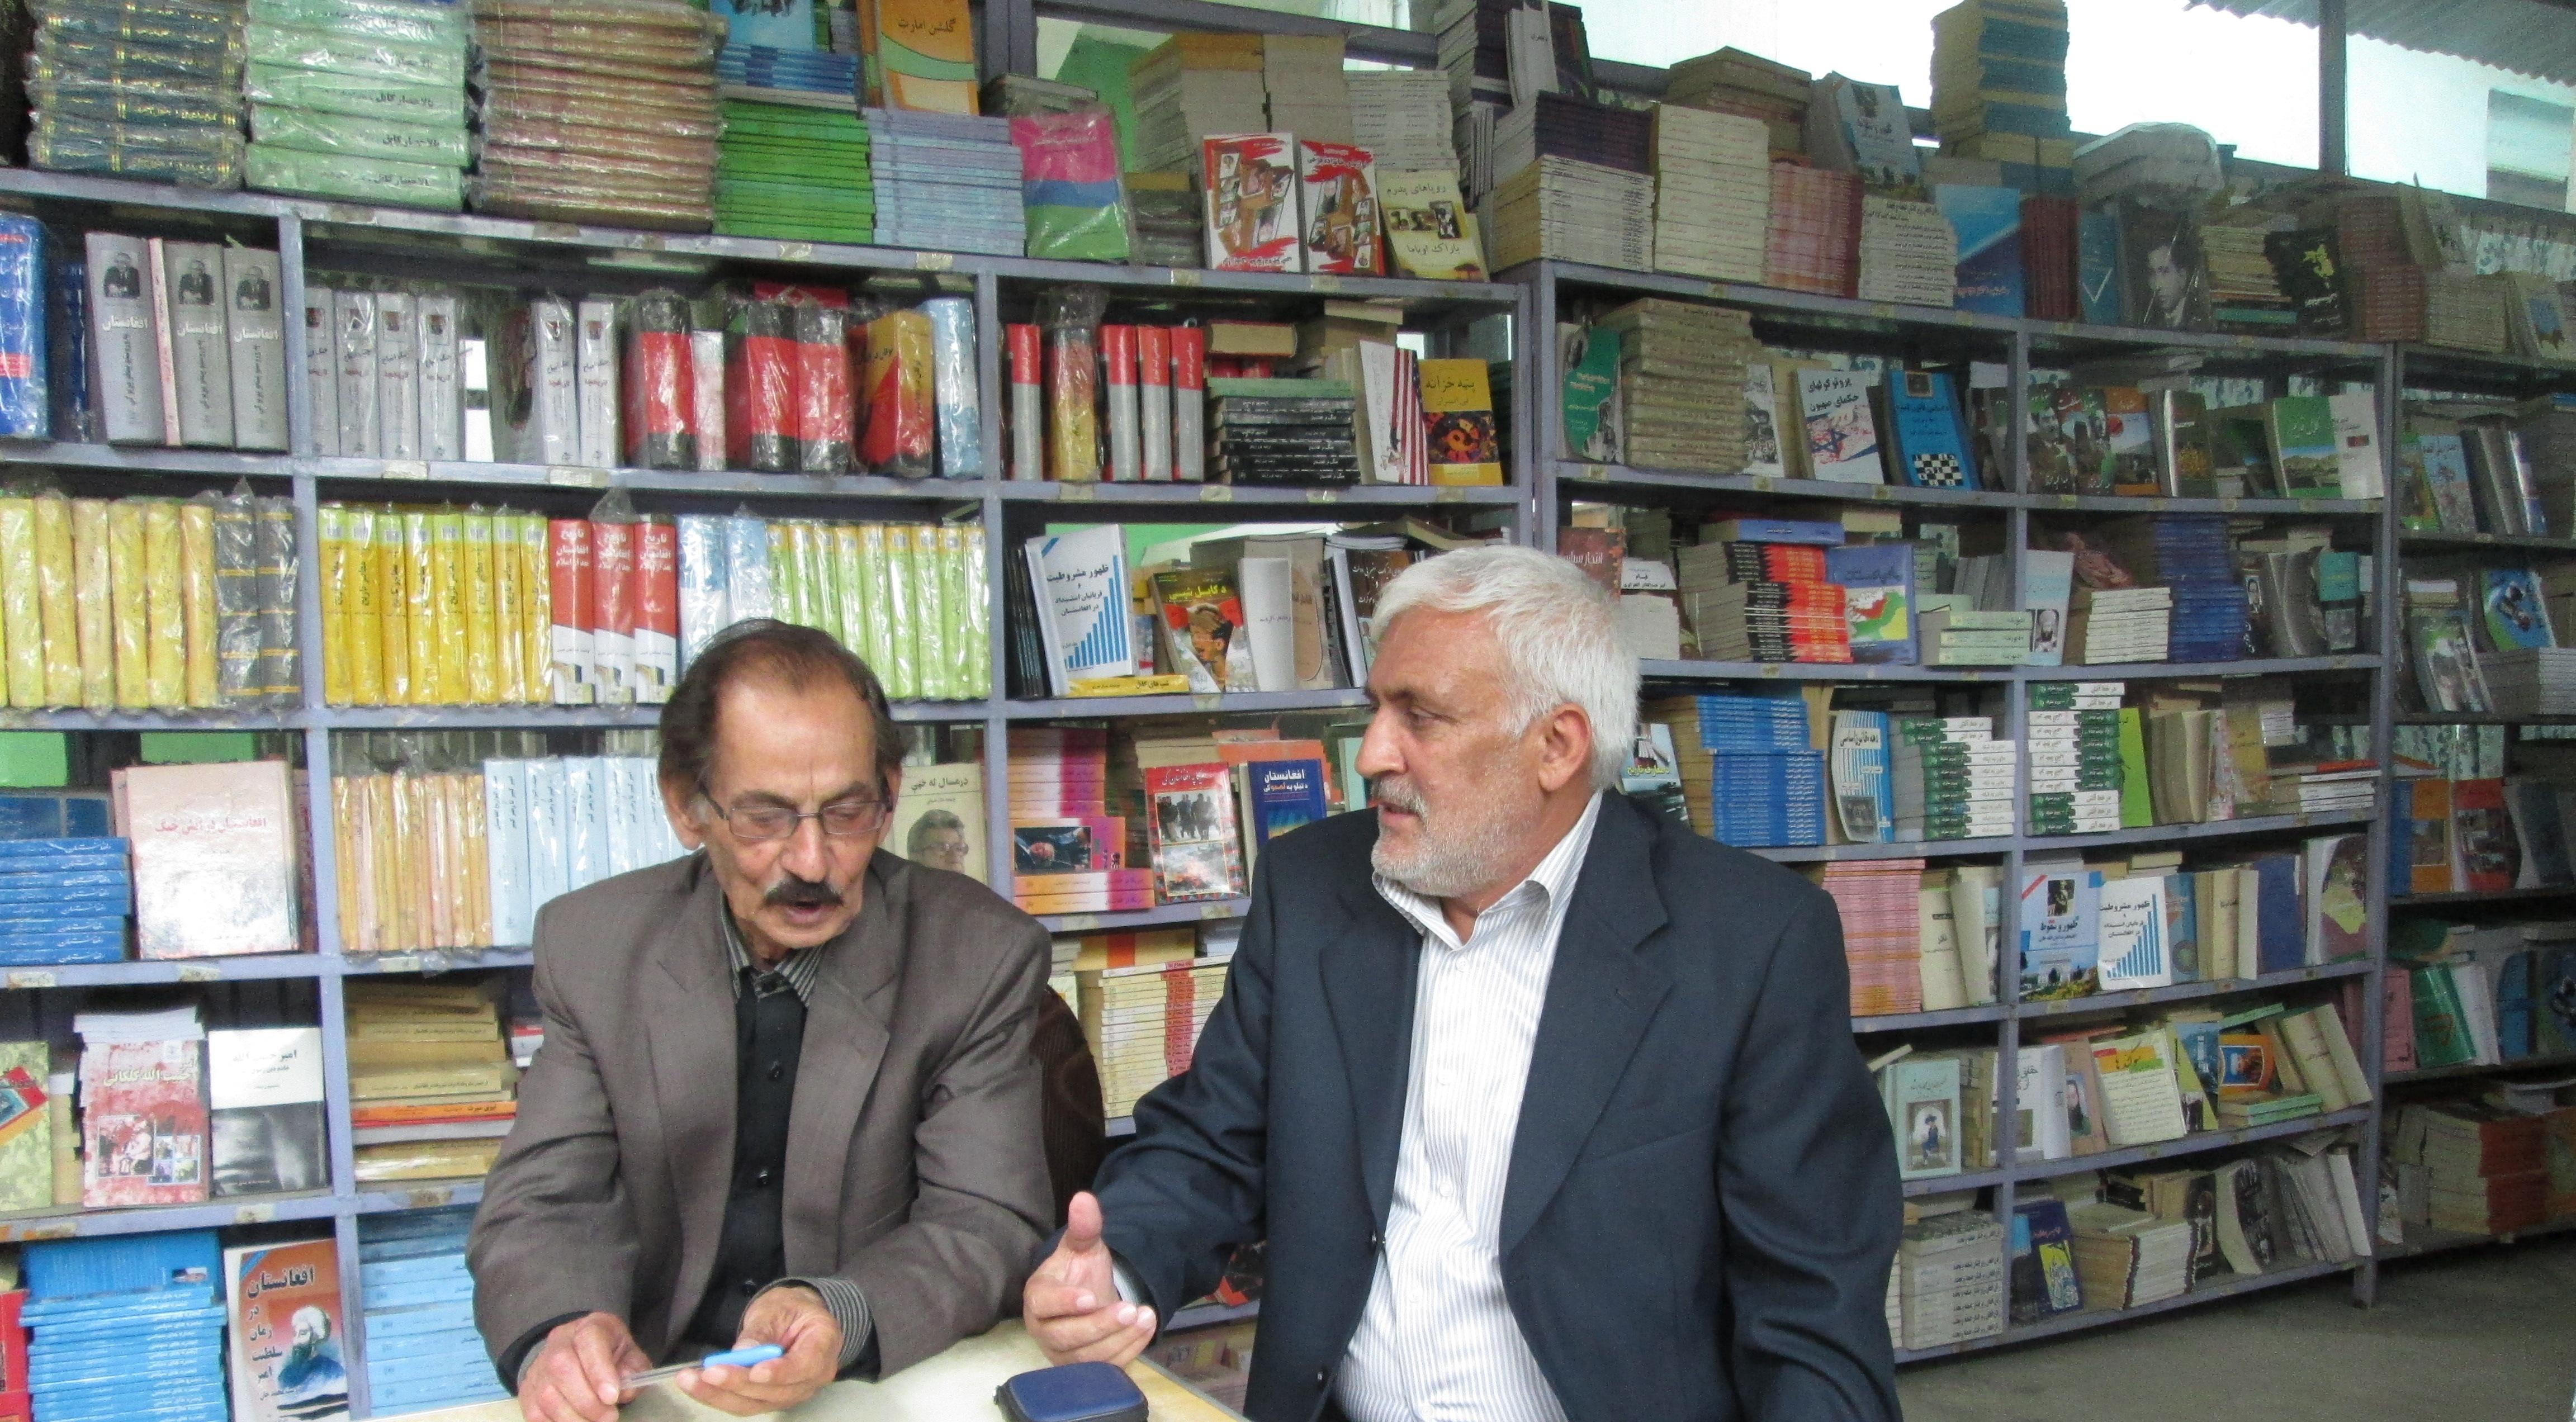 هفتۀ کتاب و کمرنگ بودن فرهنگ کتابخوانی در افغانستان